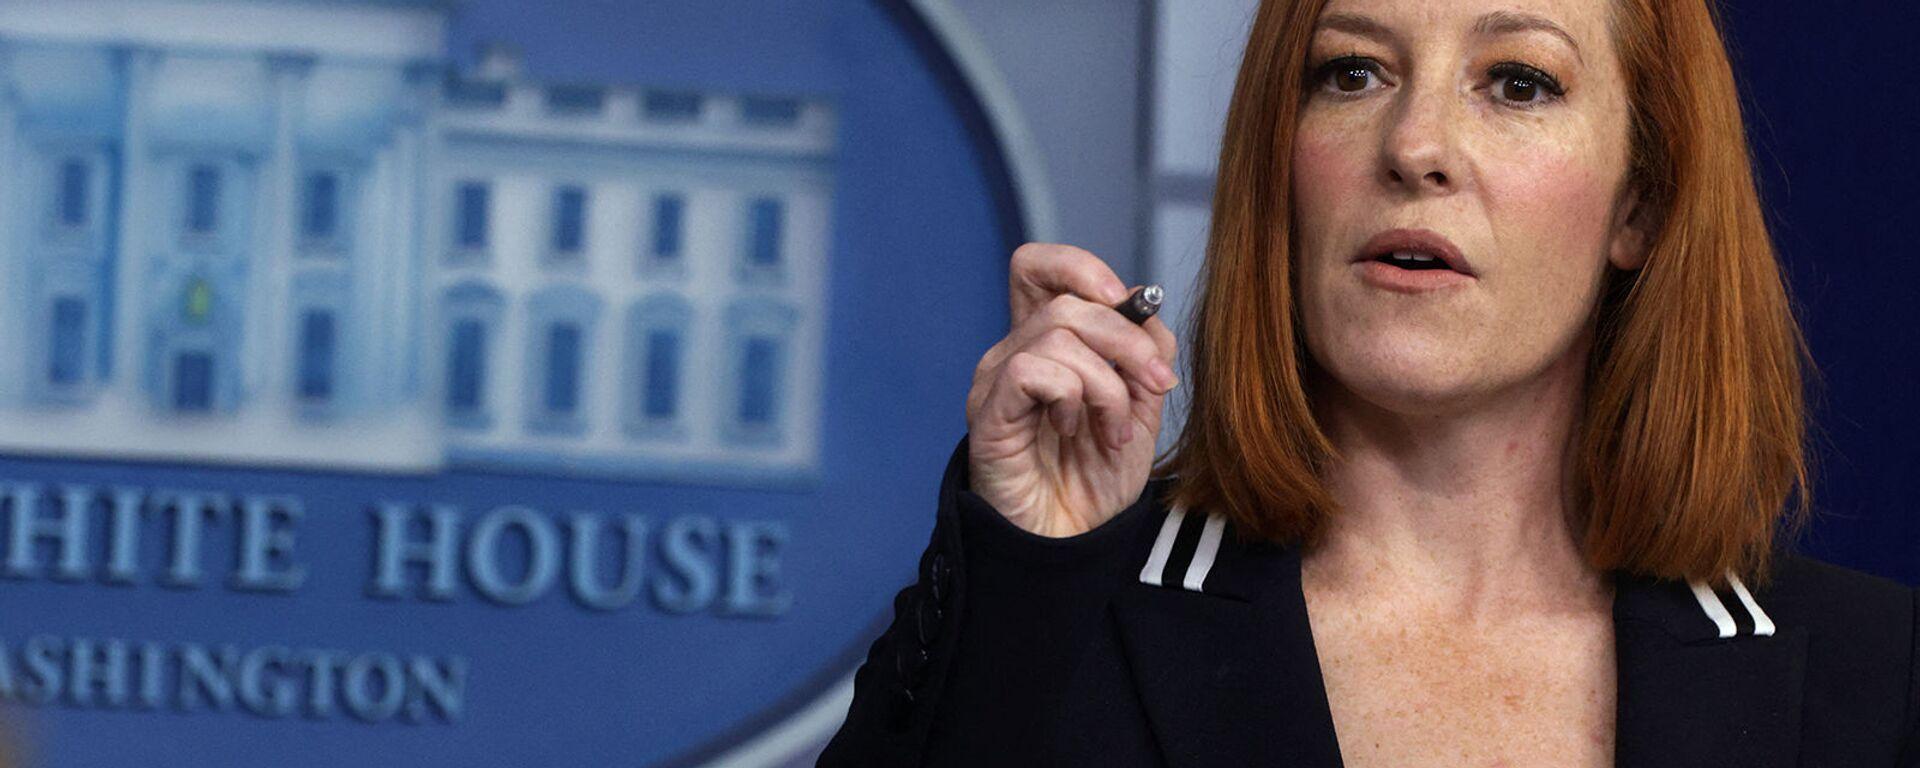 Пресс-секретарь Белого дома Джен Псаки отвечает на вопросы во время ежедневного брифинга для прессы в Белом доме (21 апреля 2021). Вашингтон - Sputnik Армения, 1920, 20.09.2021